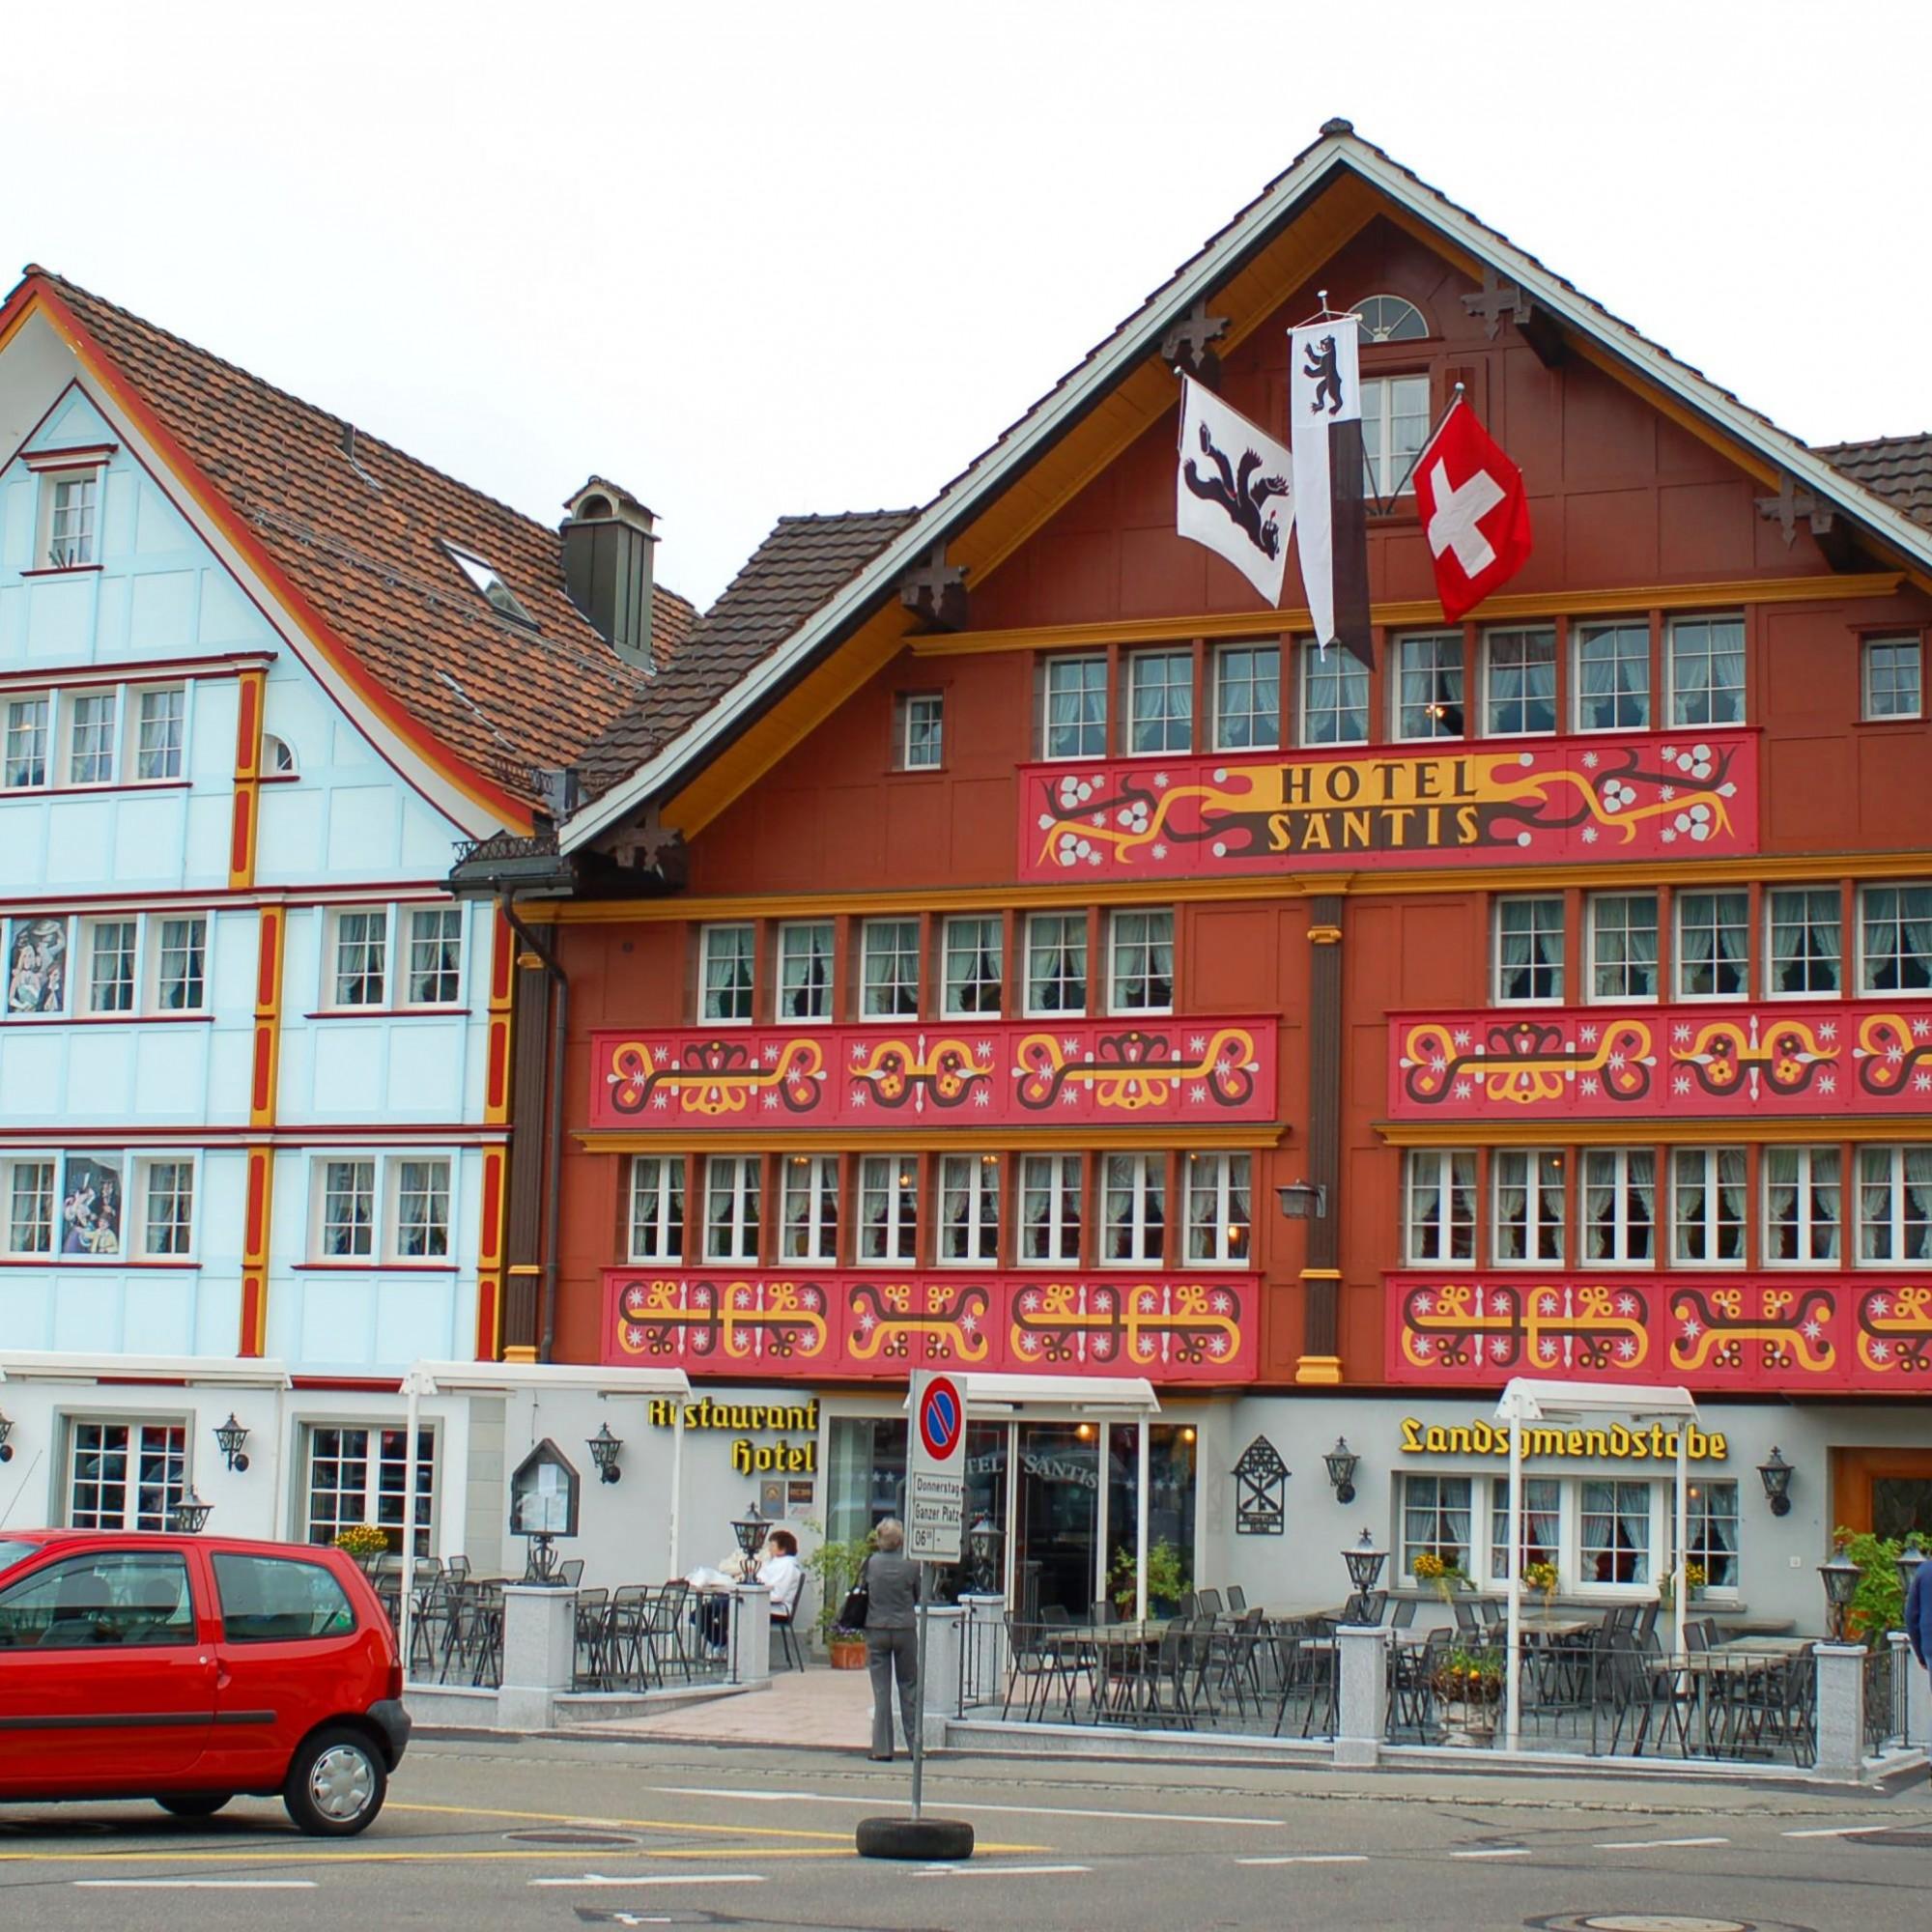 Auch das Säntis Hotel im Zentrum Appenzells wurde von Hugentobler gestaltet.